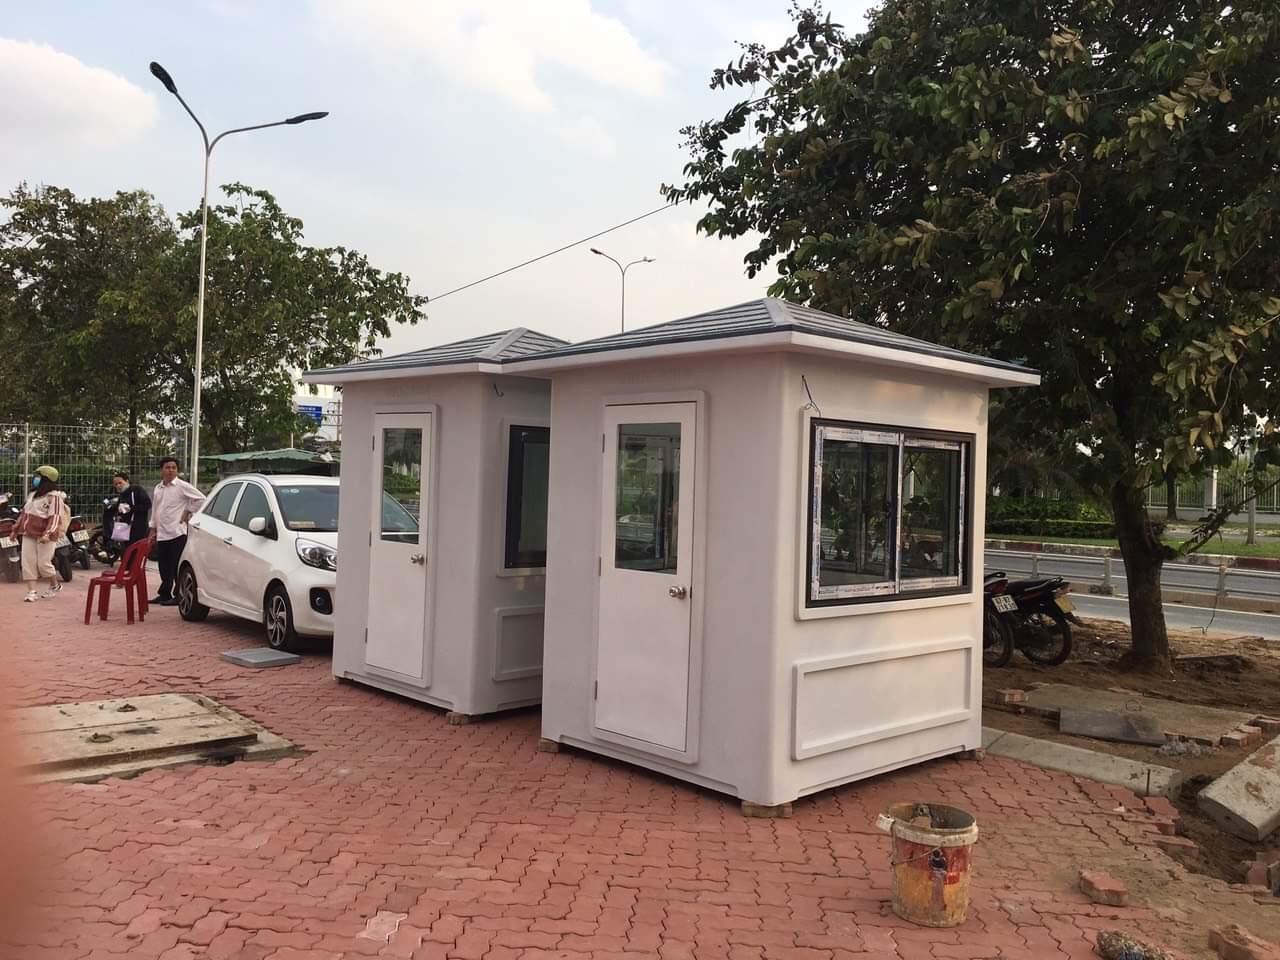 Chốt bảo vệ Vinacabin tai khuôn viên Đại học FPT thành phố Hồ Chí Minh